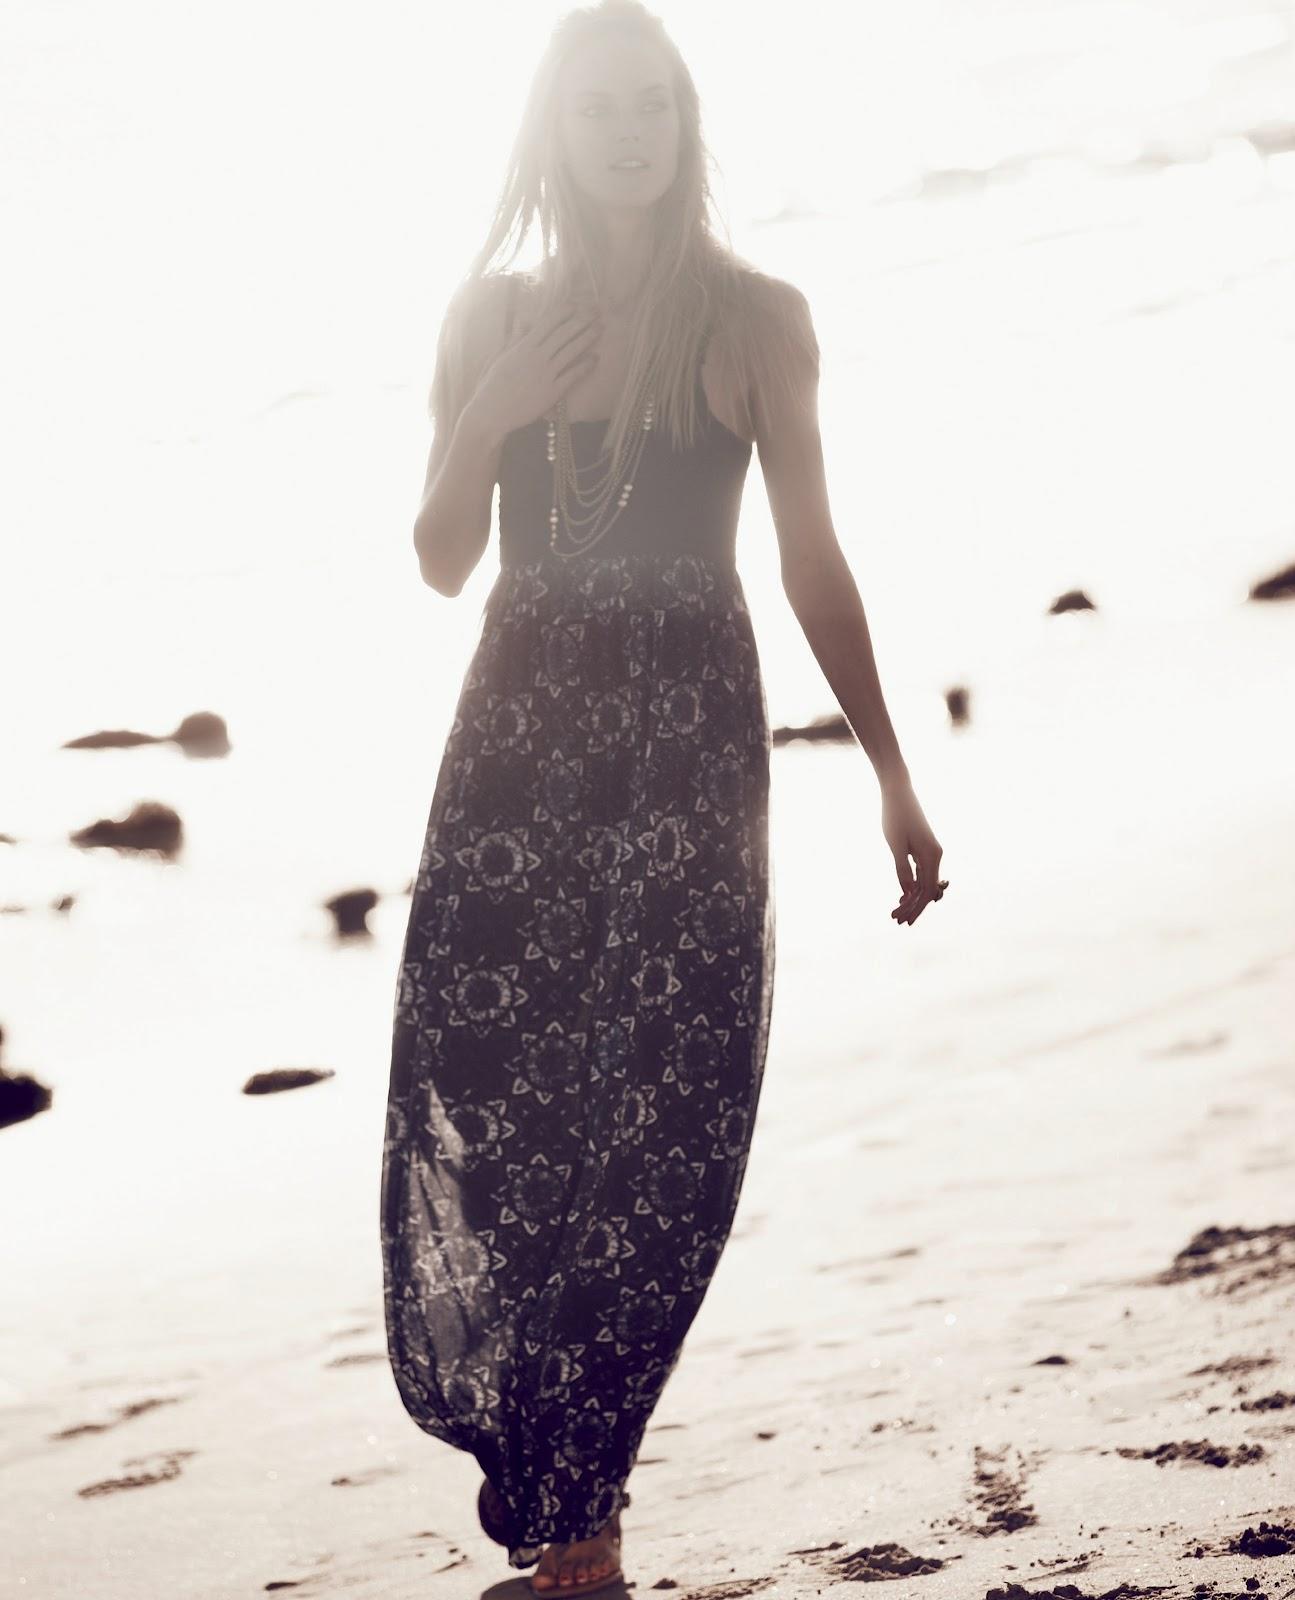 http://4.bp.blogspot.com/-xvB0GDx5o20/T9fNPHBxhpI/AAAAAAAACV4/nc9neUVLuw4/s1600/Lucky+Brand+Summer+2012+\'Vision+Of+Summer\'+Catalog+(8).jpg